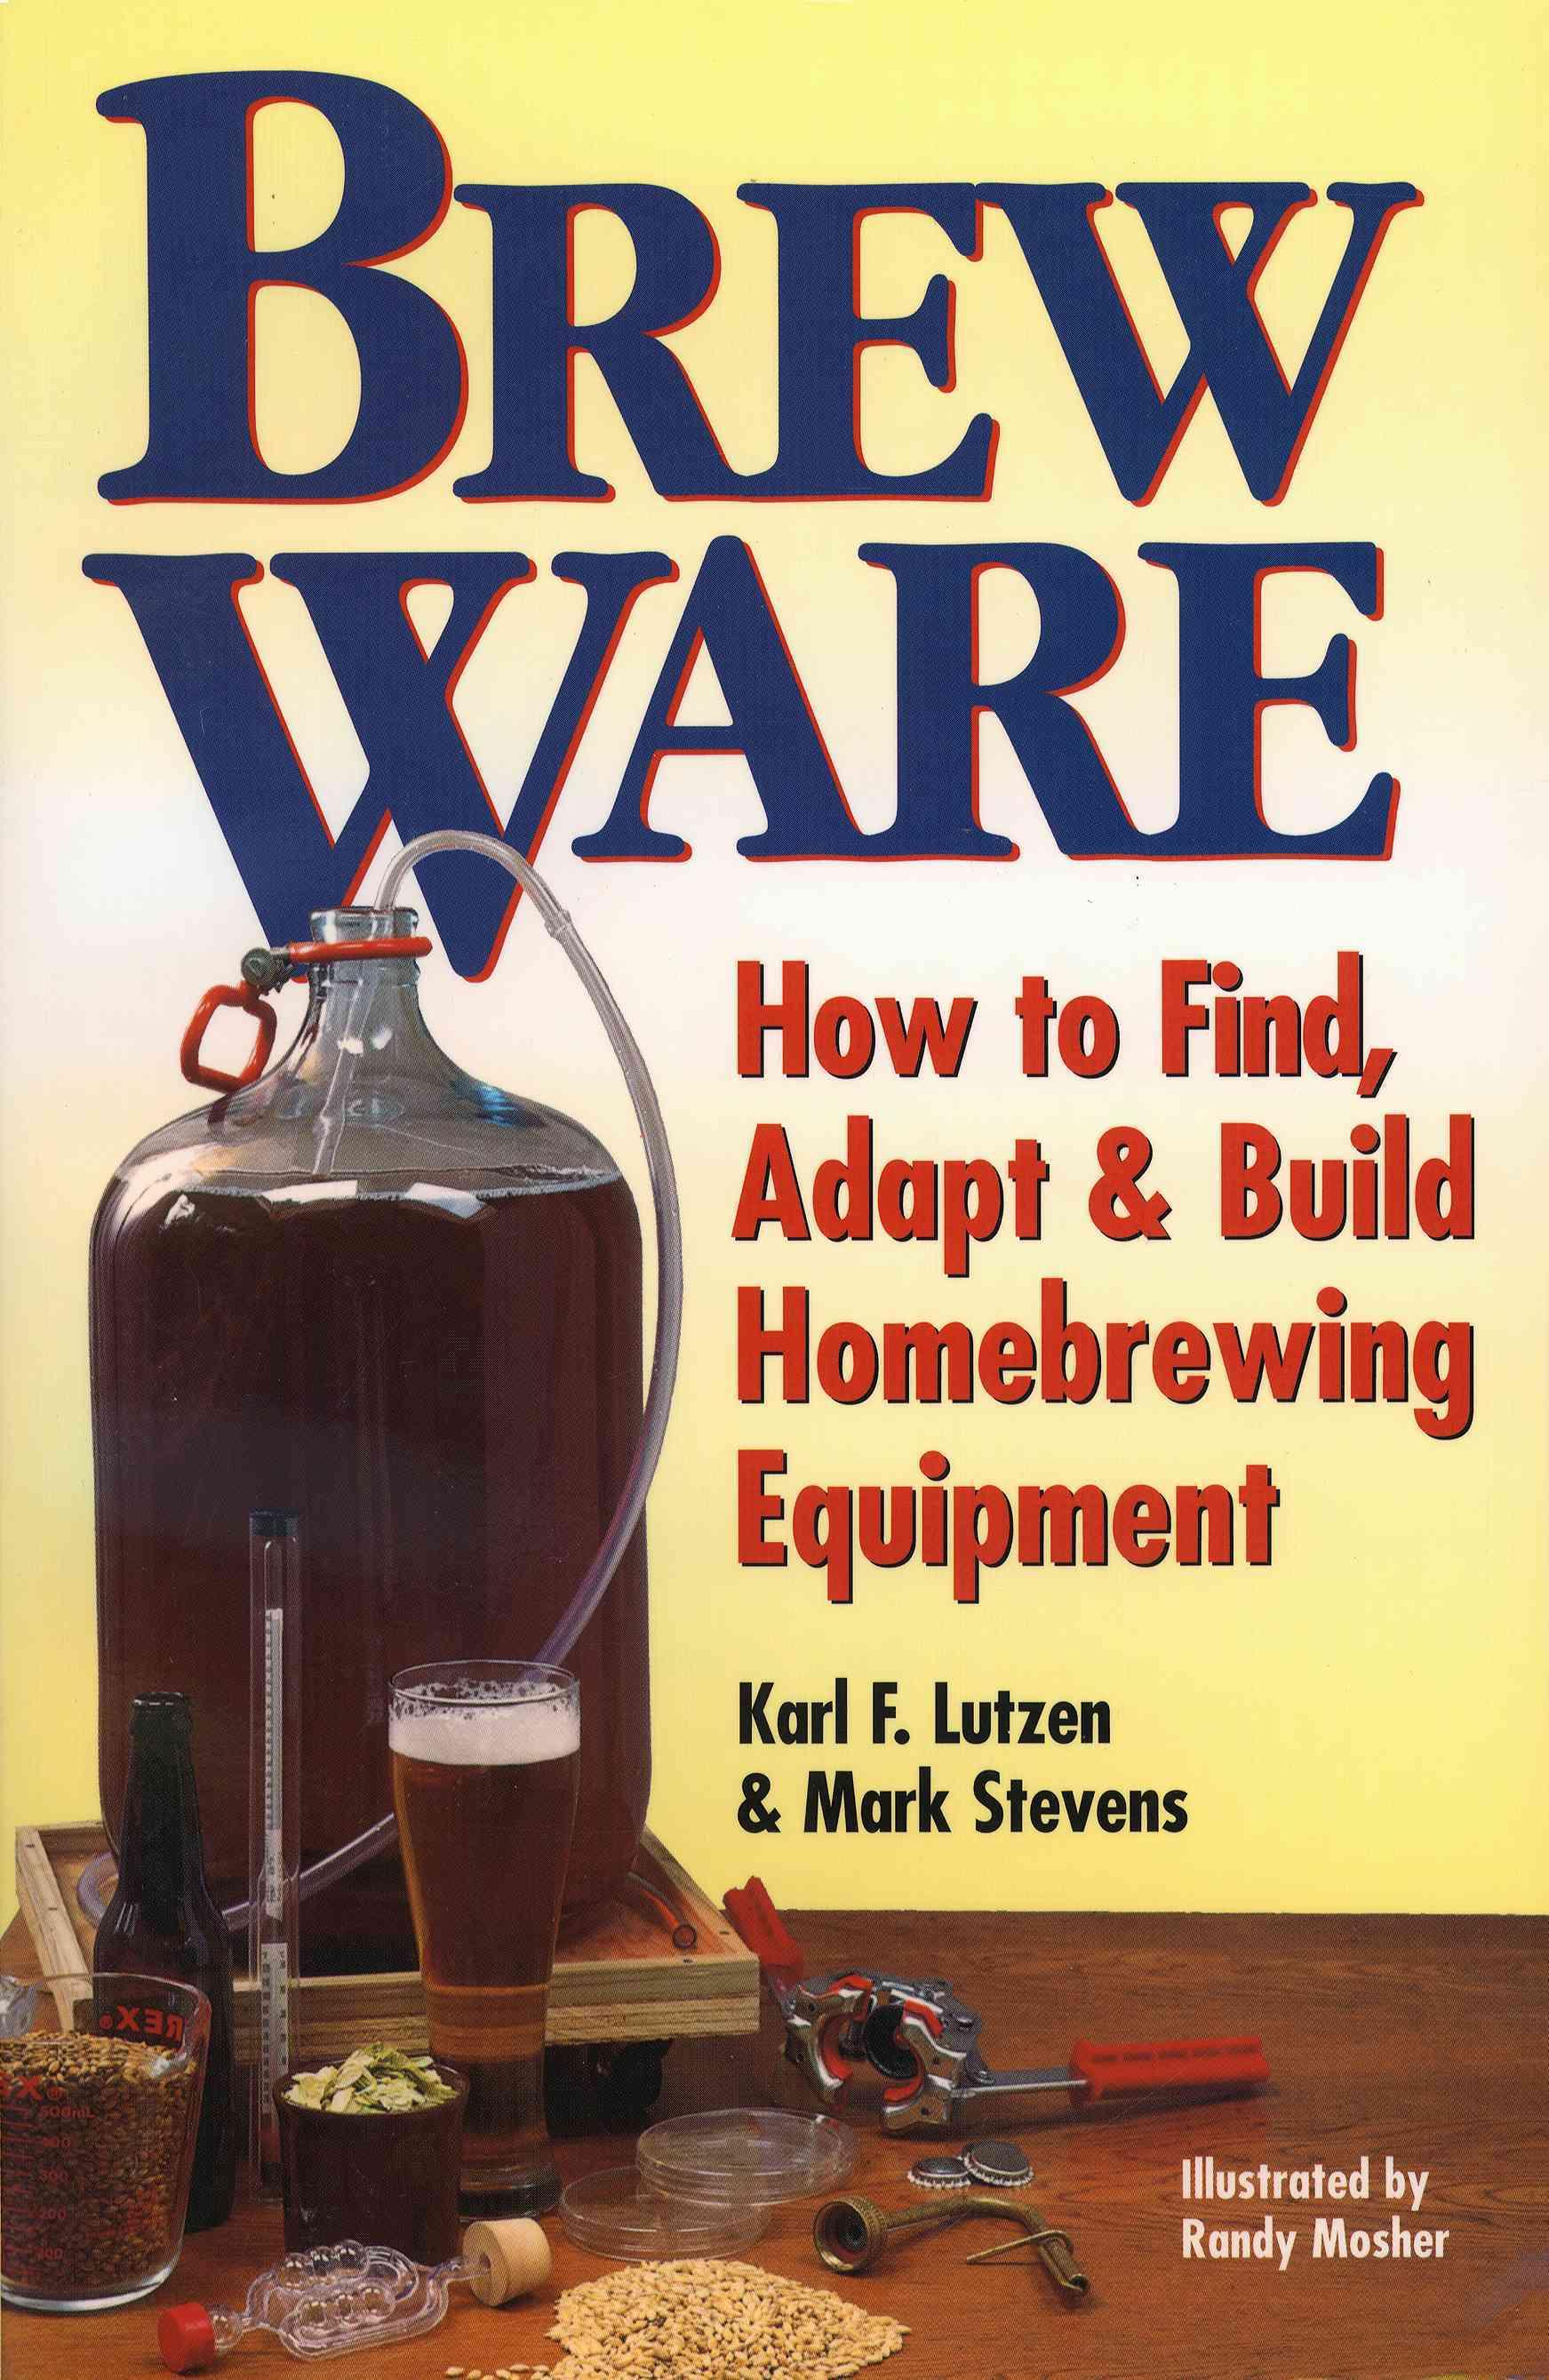 Brew Ware By Lutzen, Karl F./ Stevens, Mark/ Mosher, Randy (ILT)